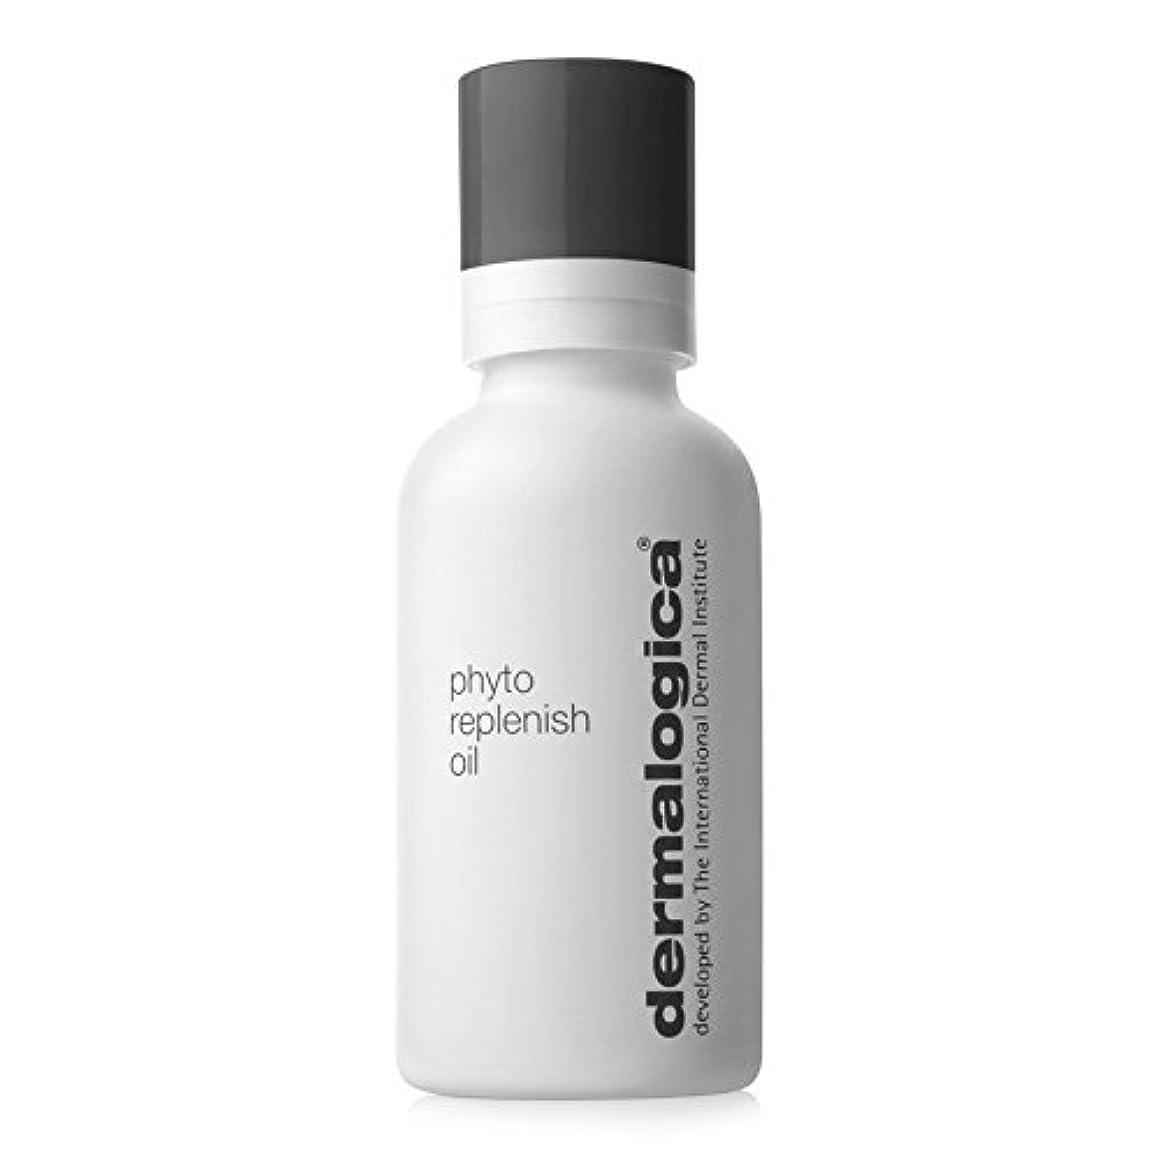 マットレスマラドロイト恨みオイル30ミリリットルを補充ダーマロジカフィト x2 - Dermalogica Phyto Replenishing Oil 30ml (Pack of 2) [並行輸入品]